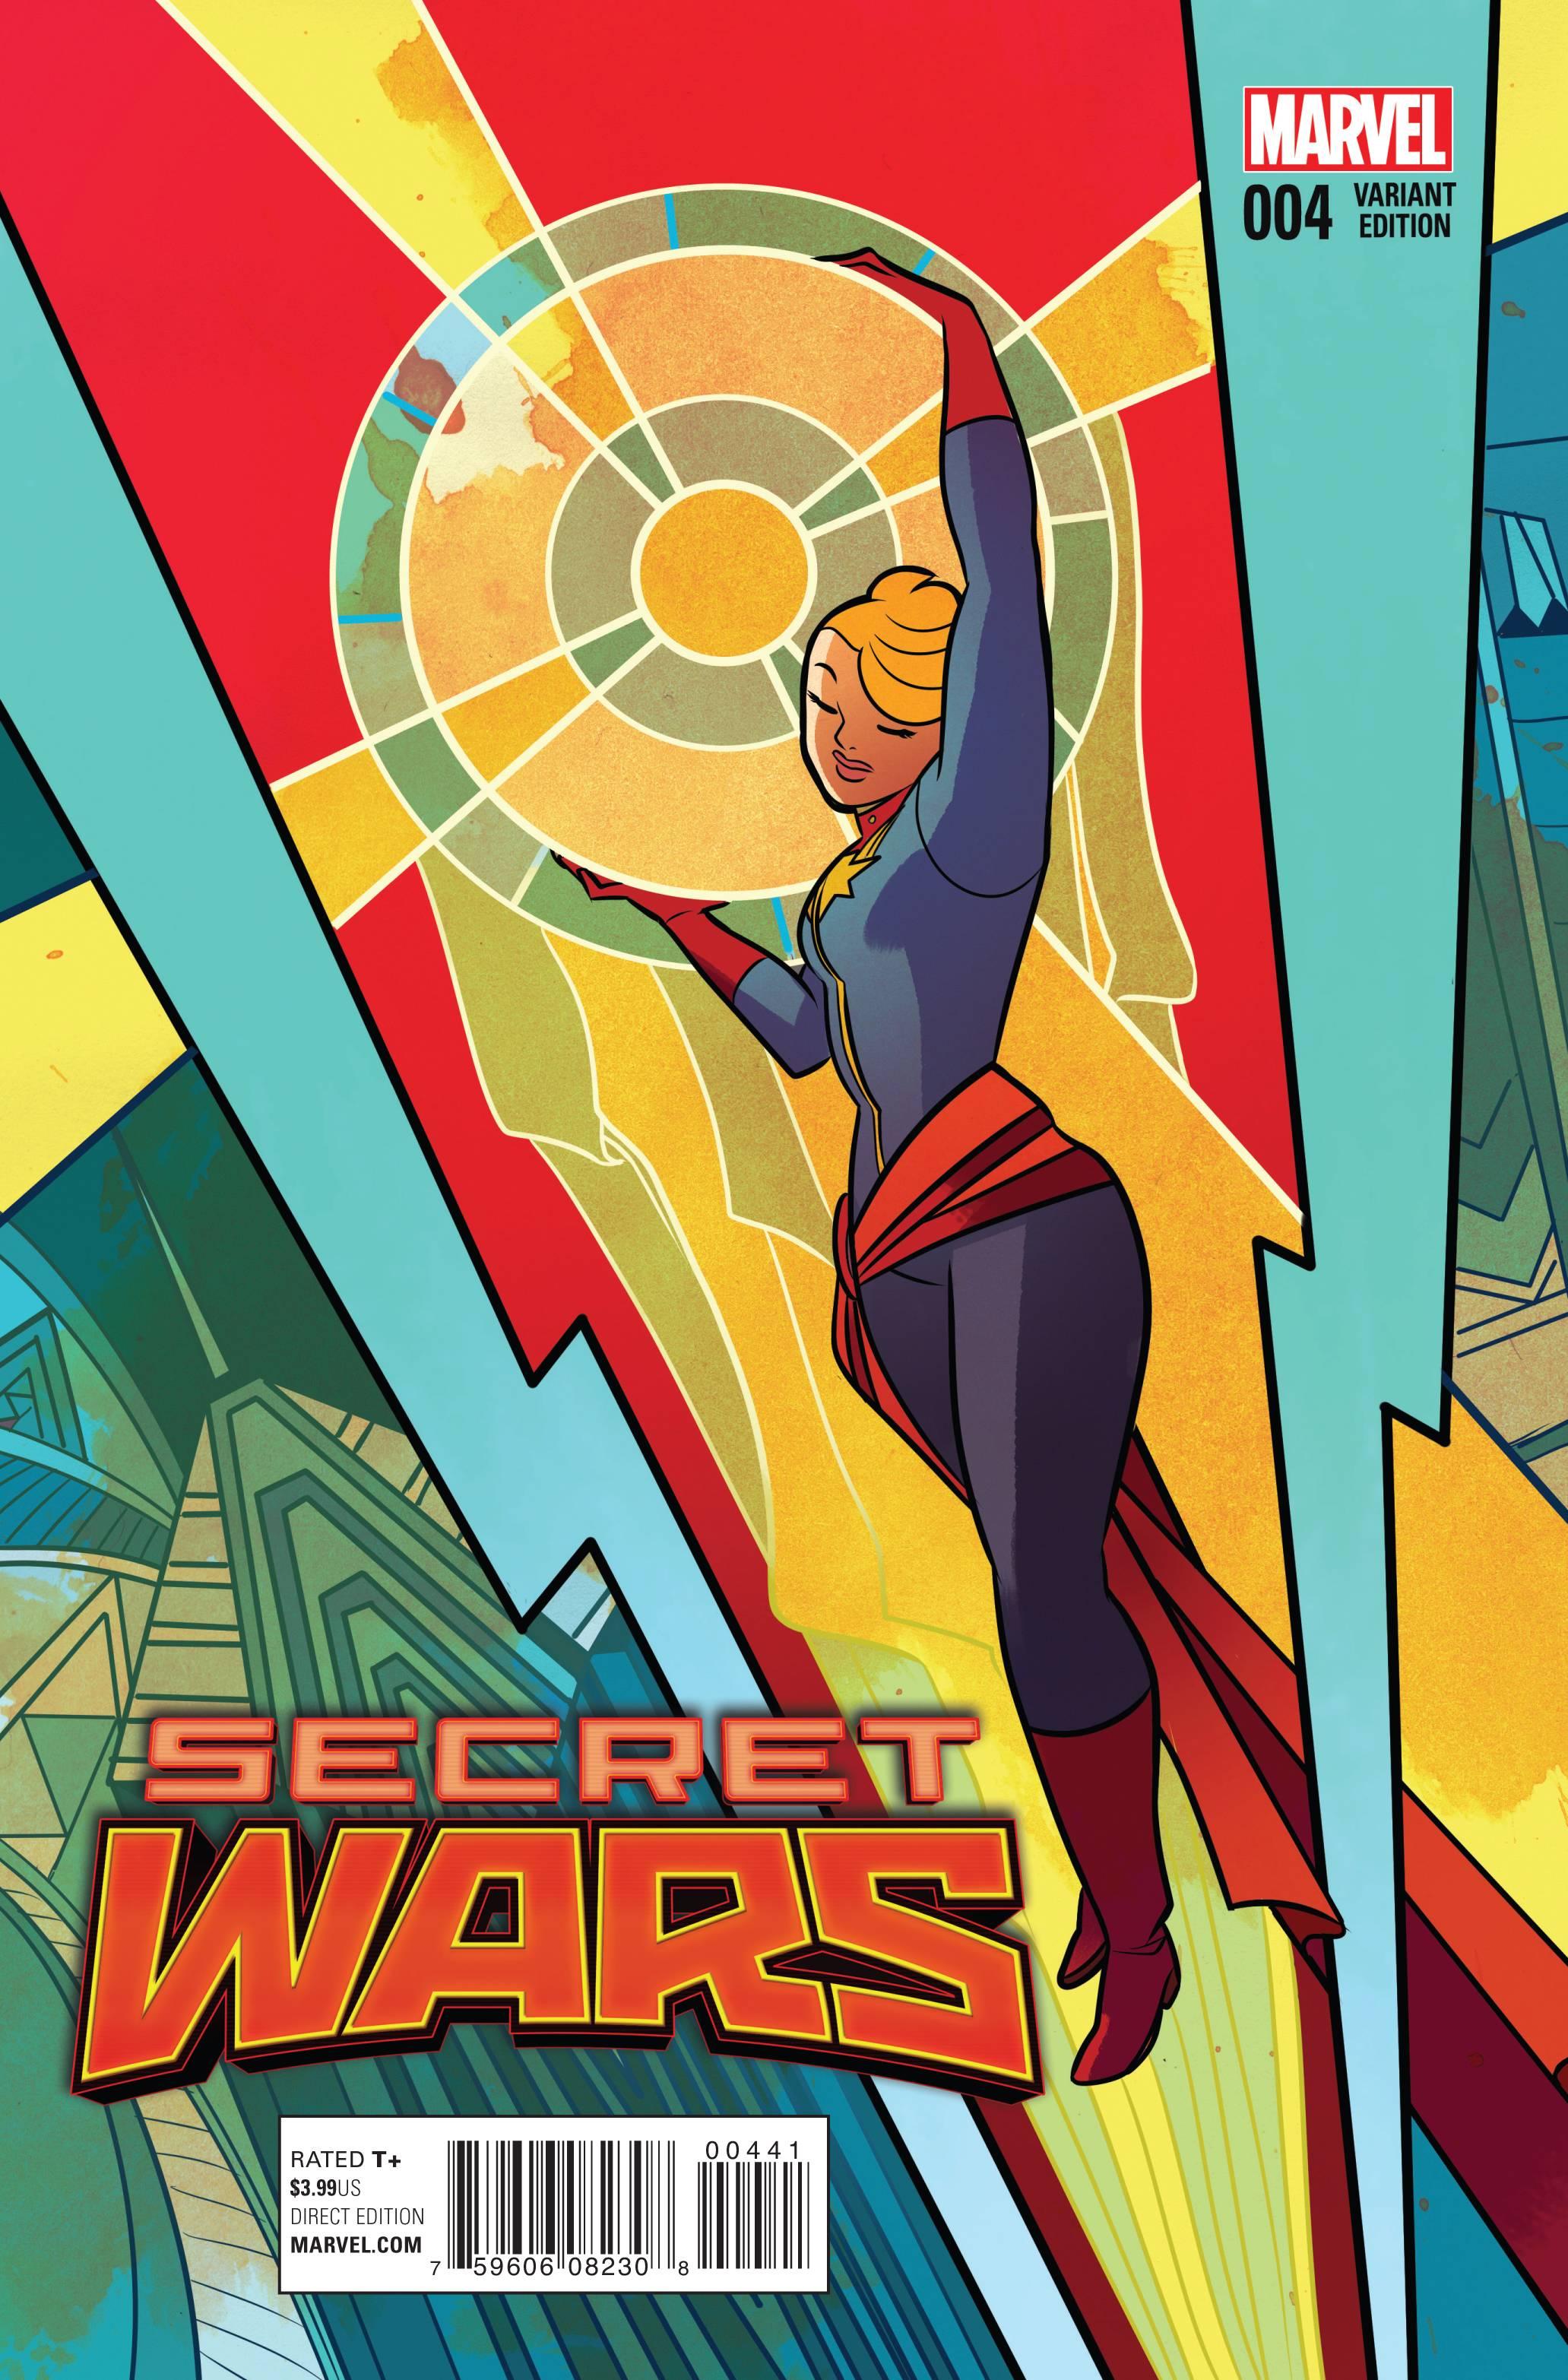 Read online Secret Wars comic -  Issue #4 - 4